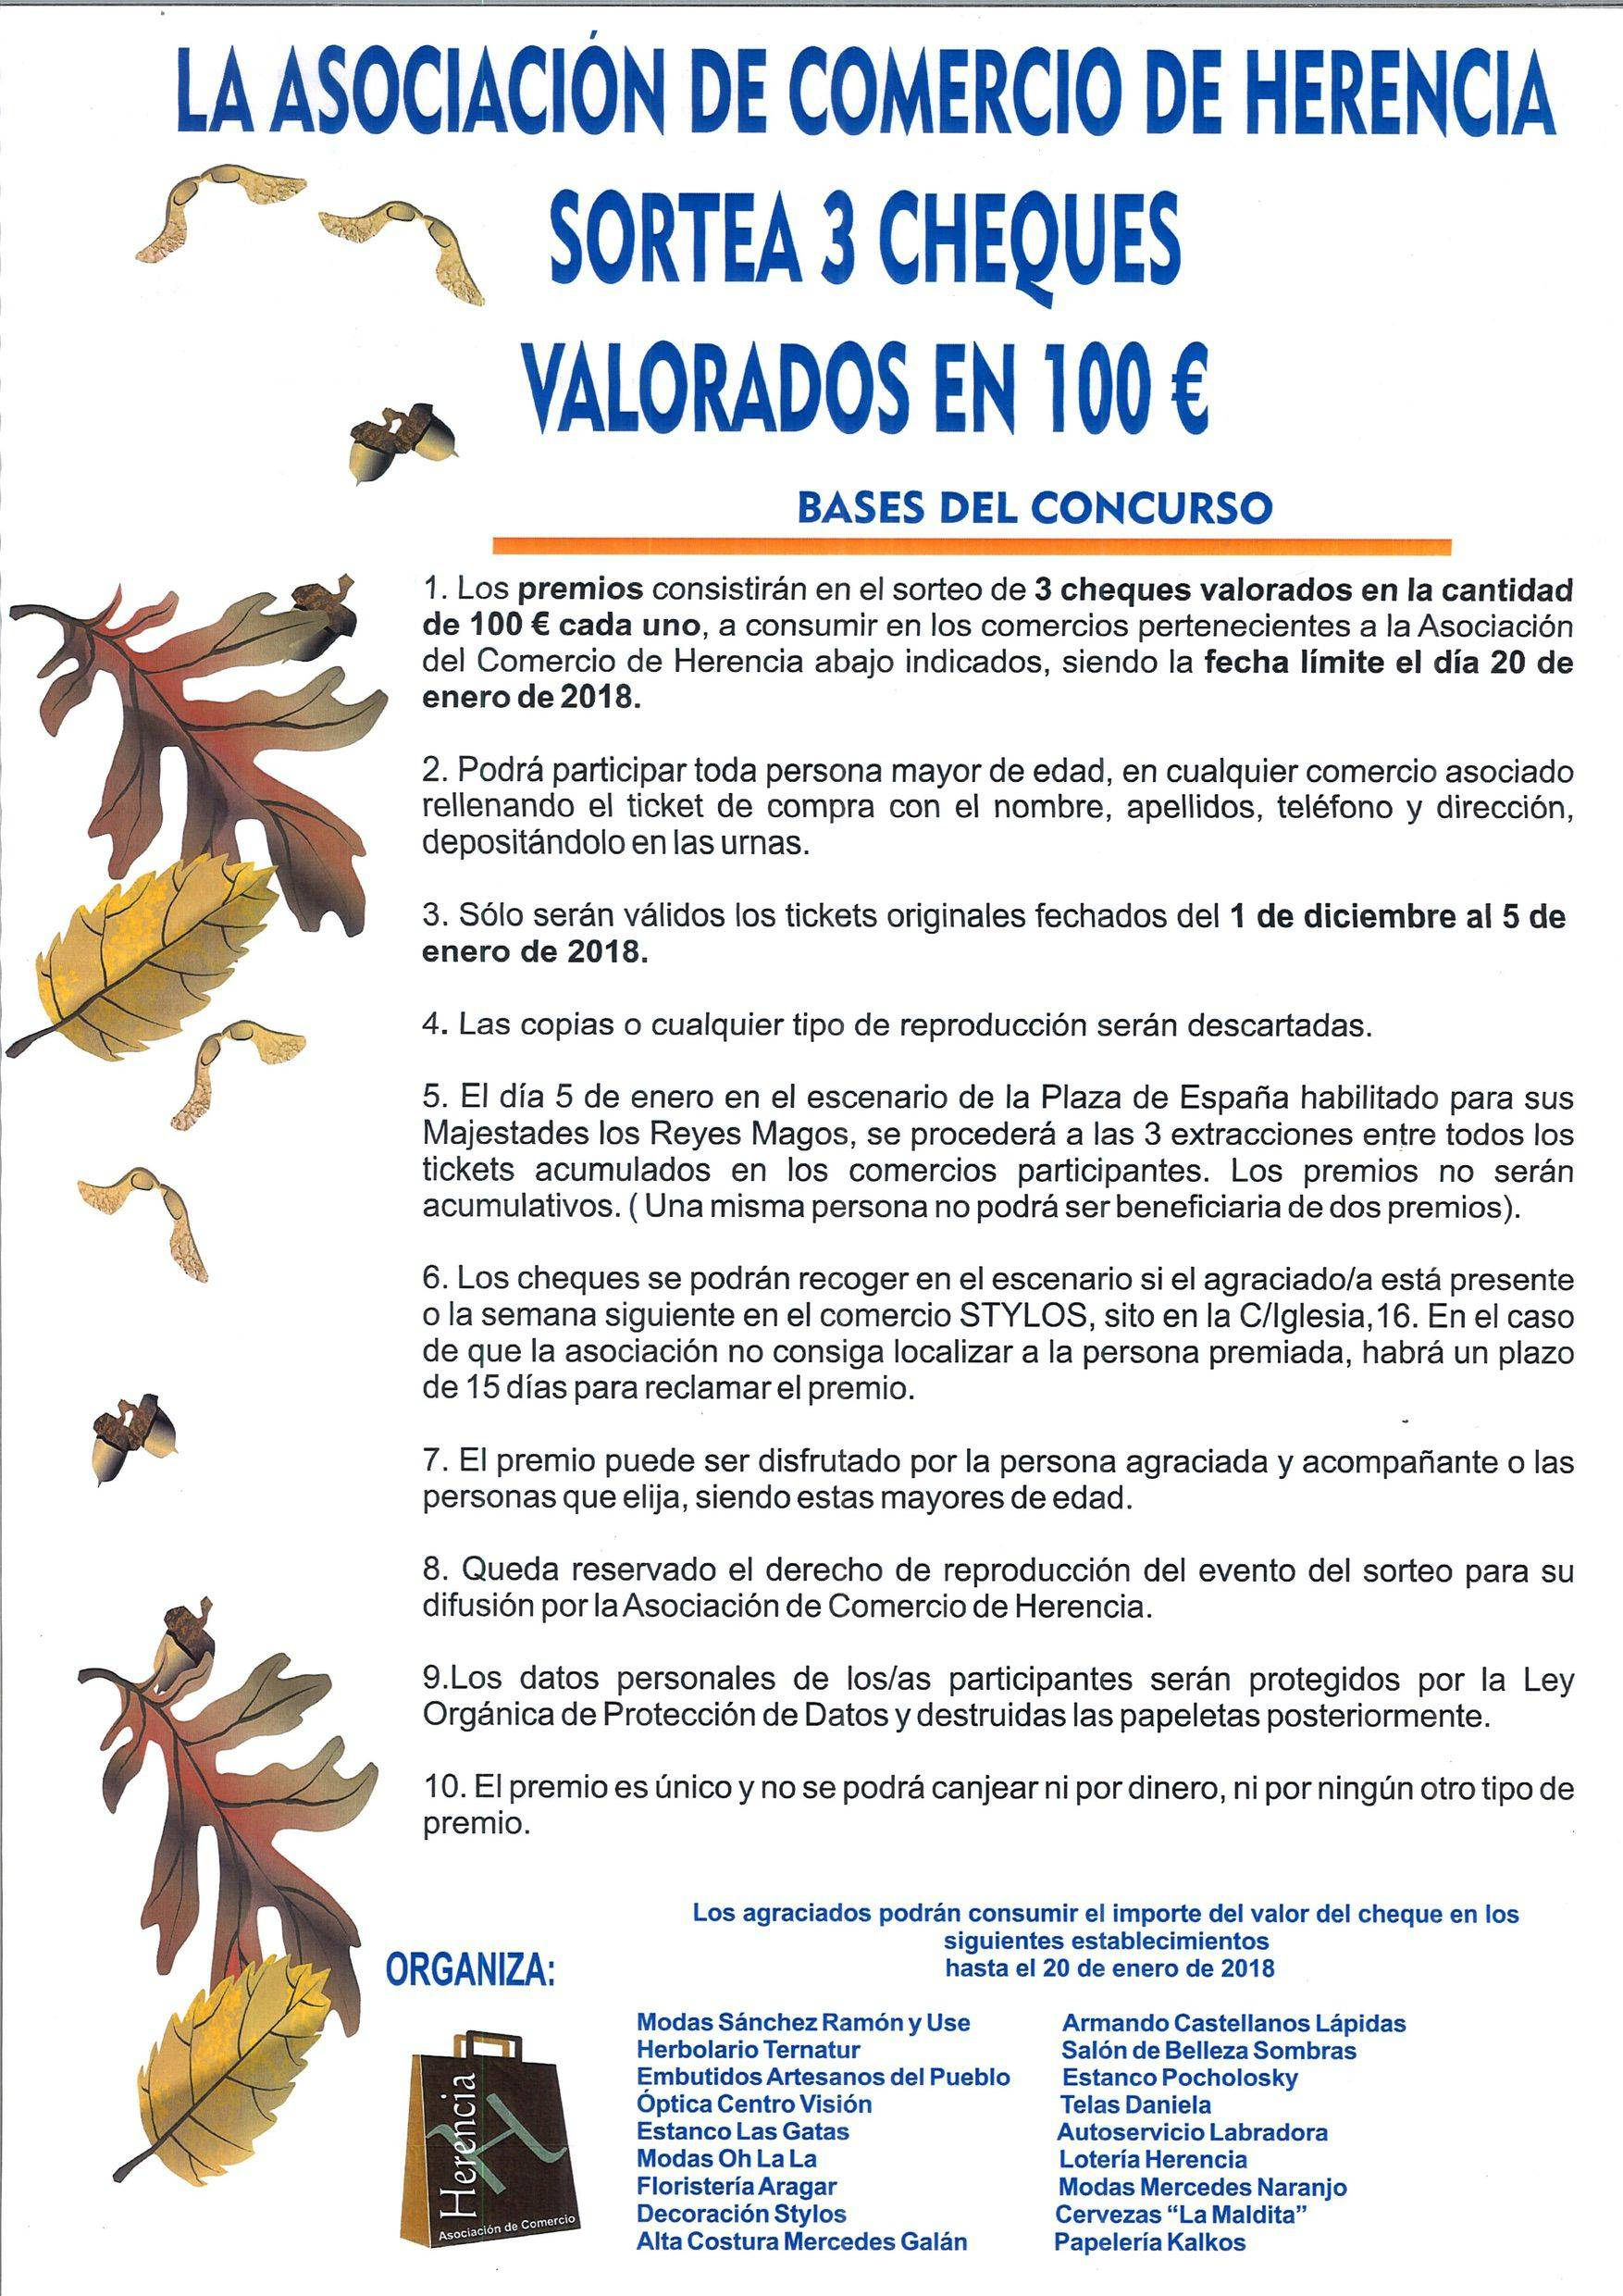 sorteo cheques asociacion de comercio de Herencia 2017 - La Asociación de Comercio de Herencia sortea cheques valorados en 100 euros